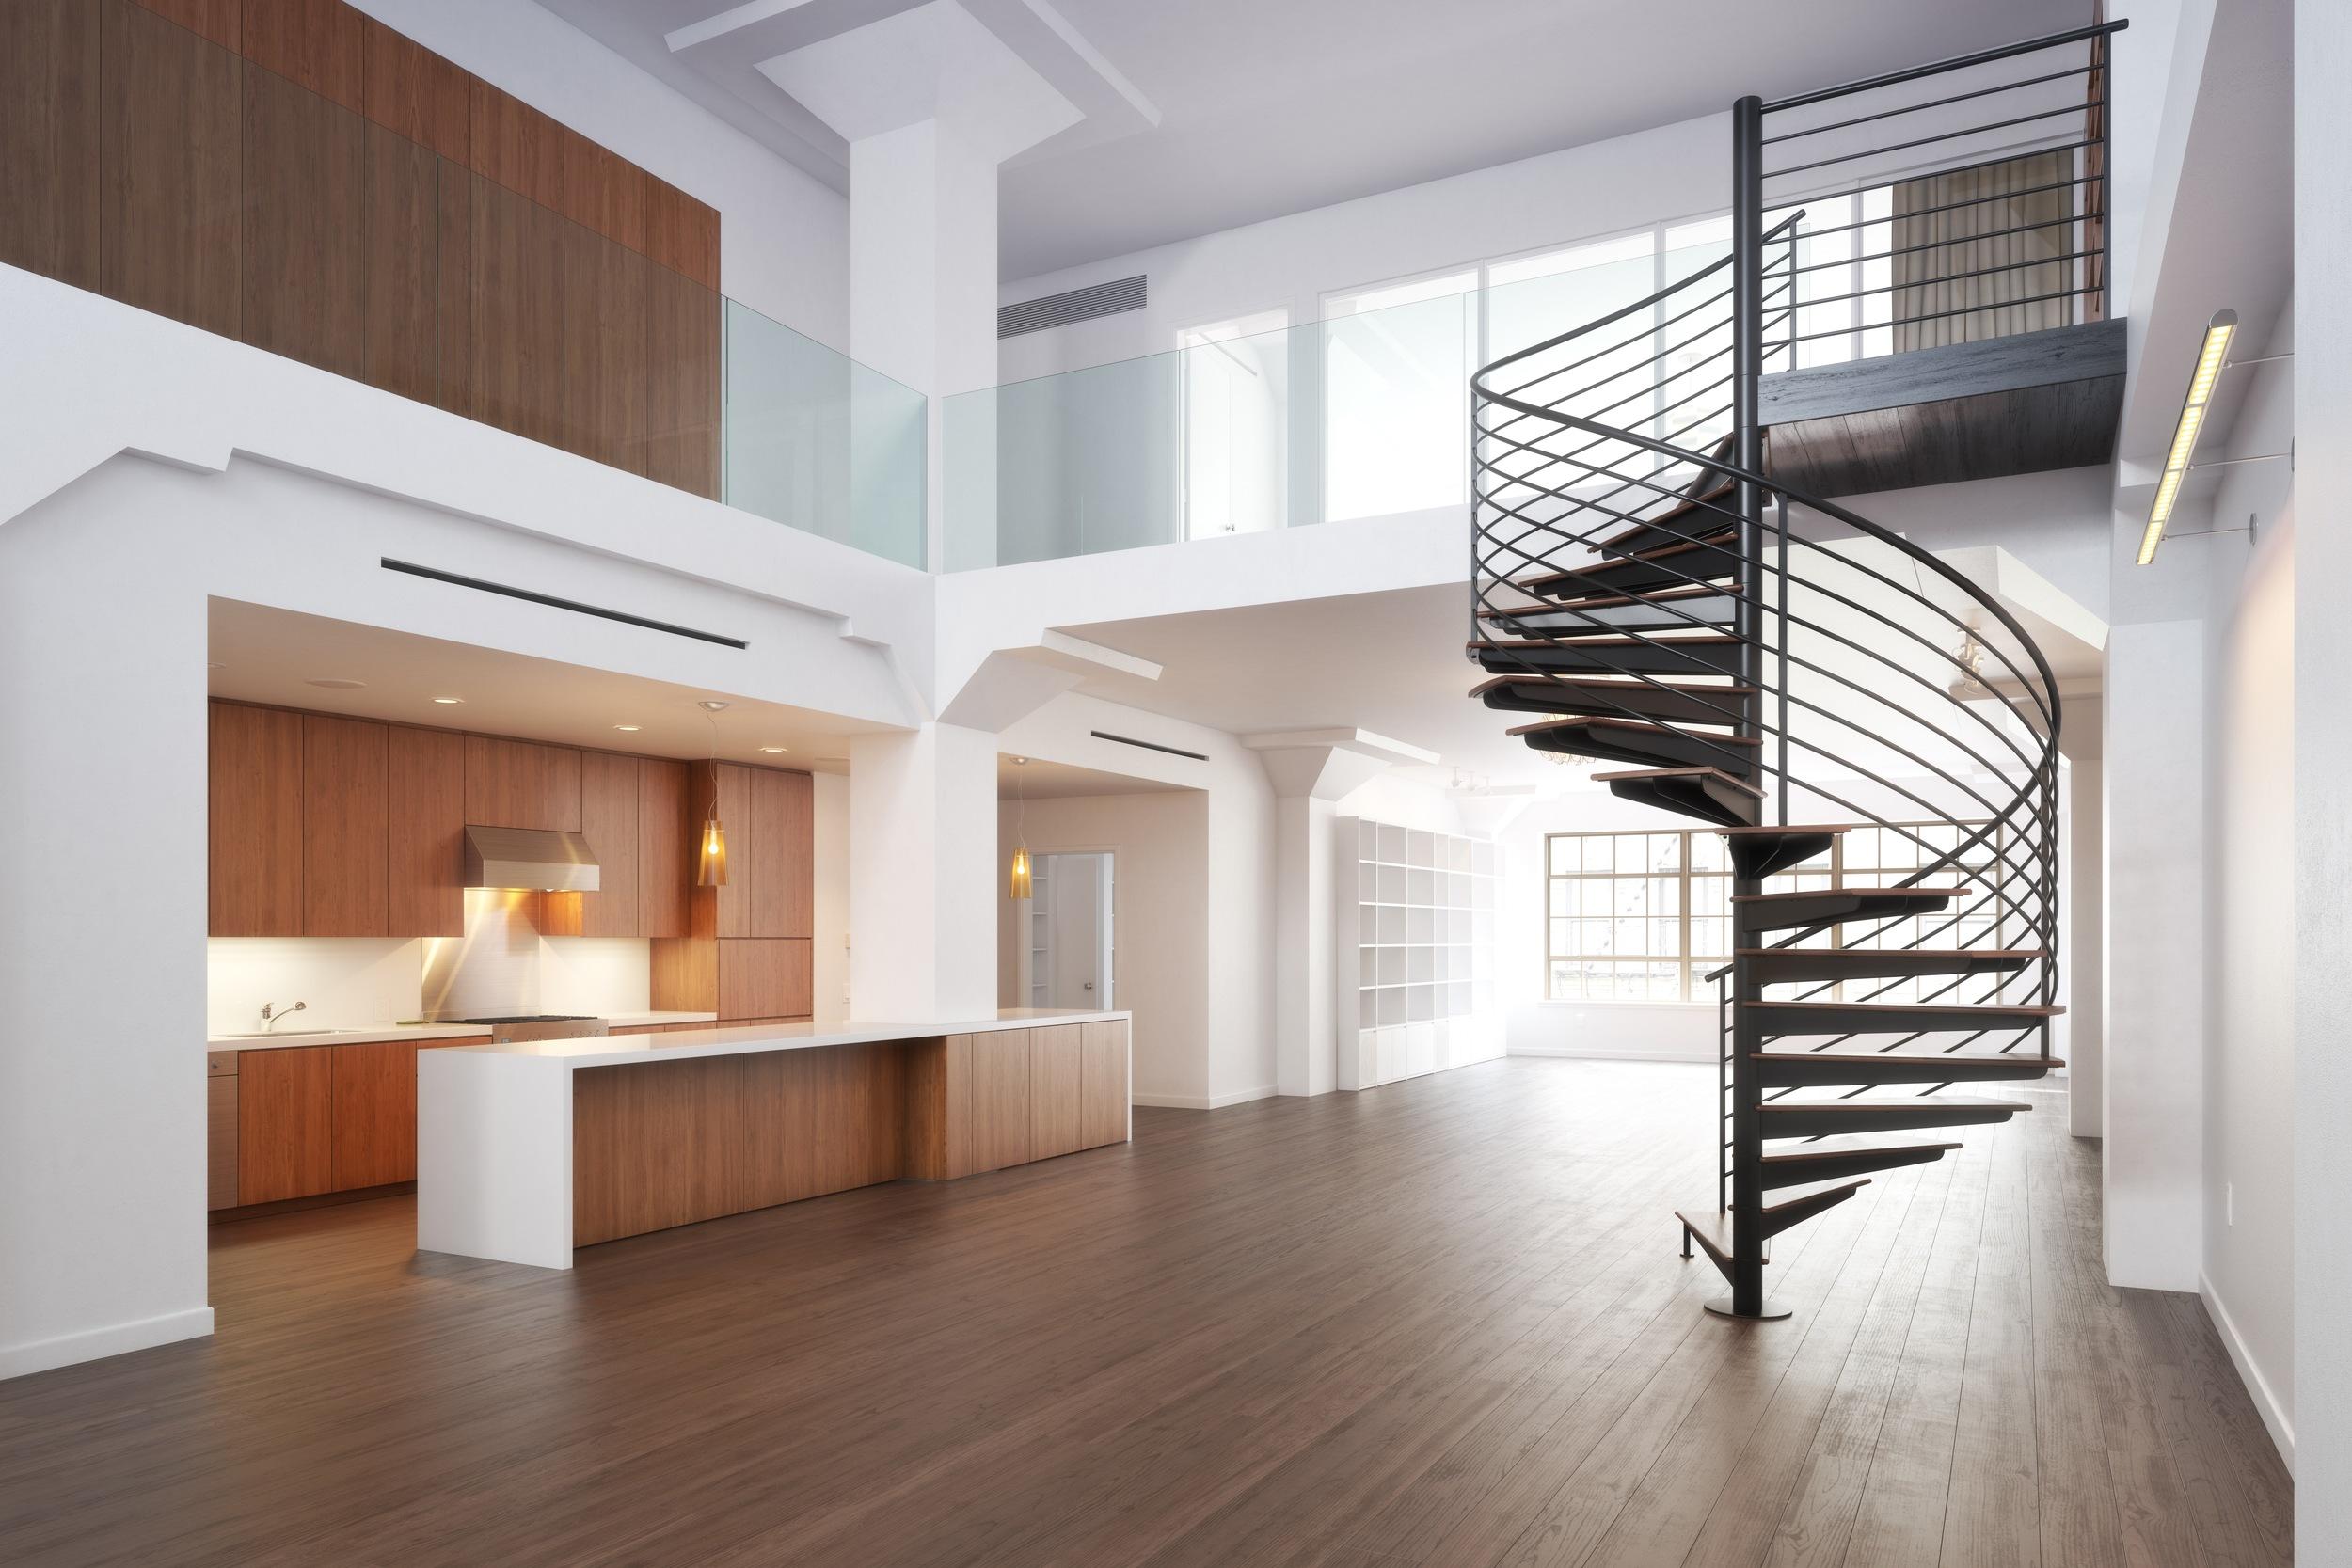 house.3.jpg